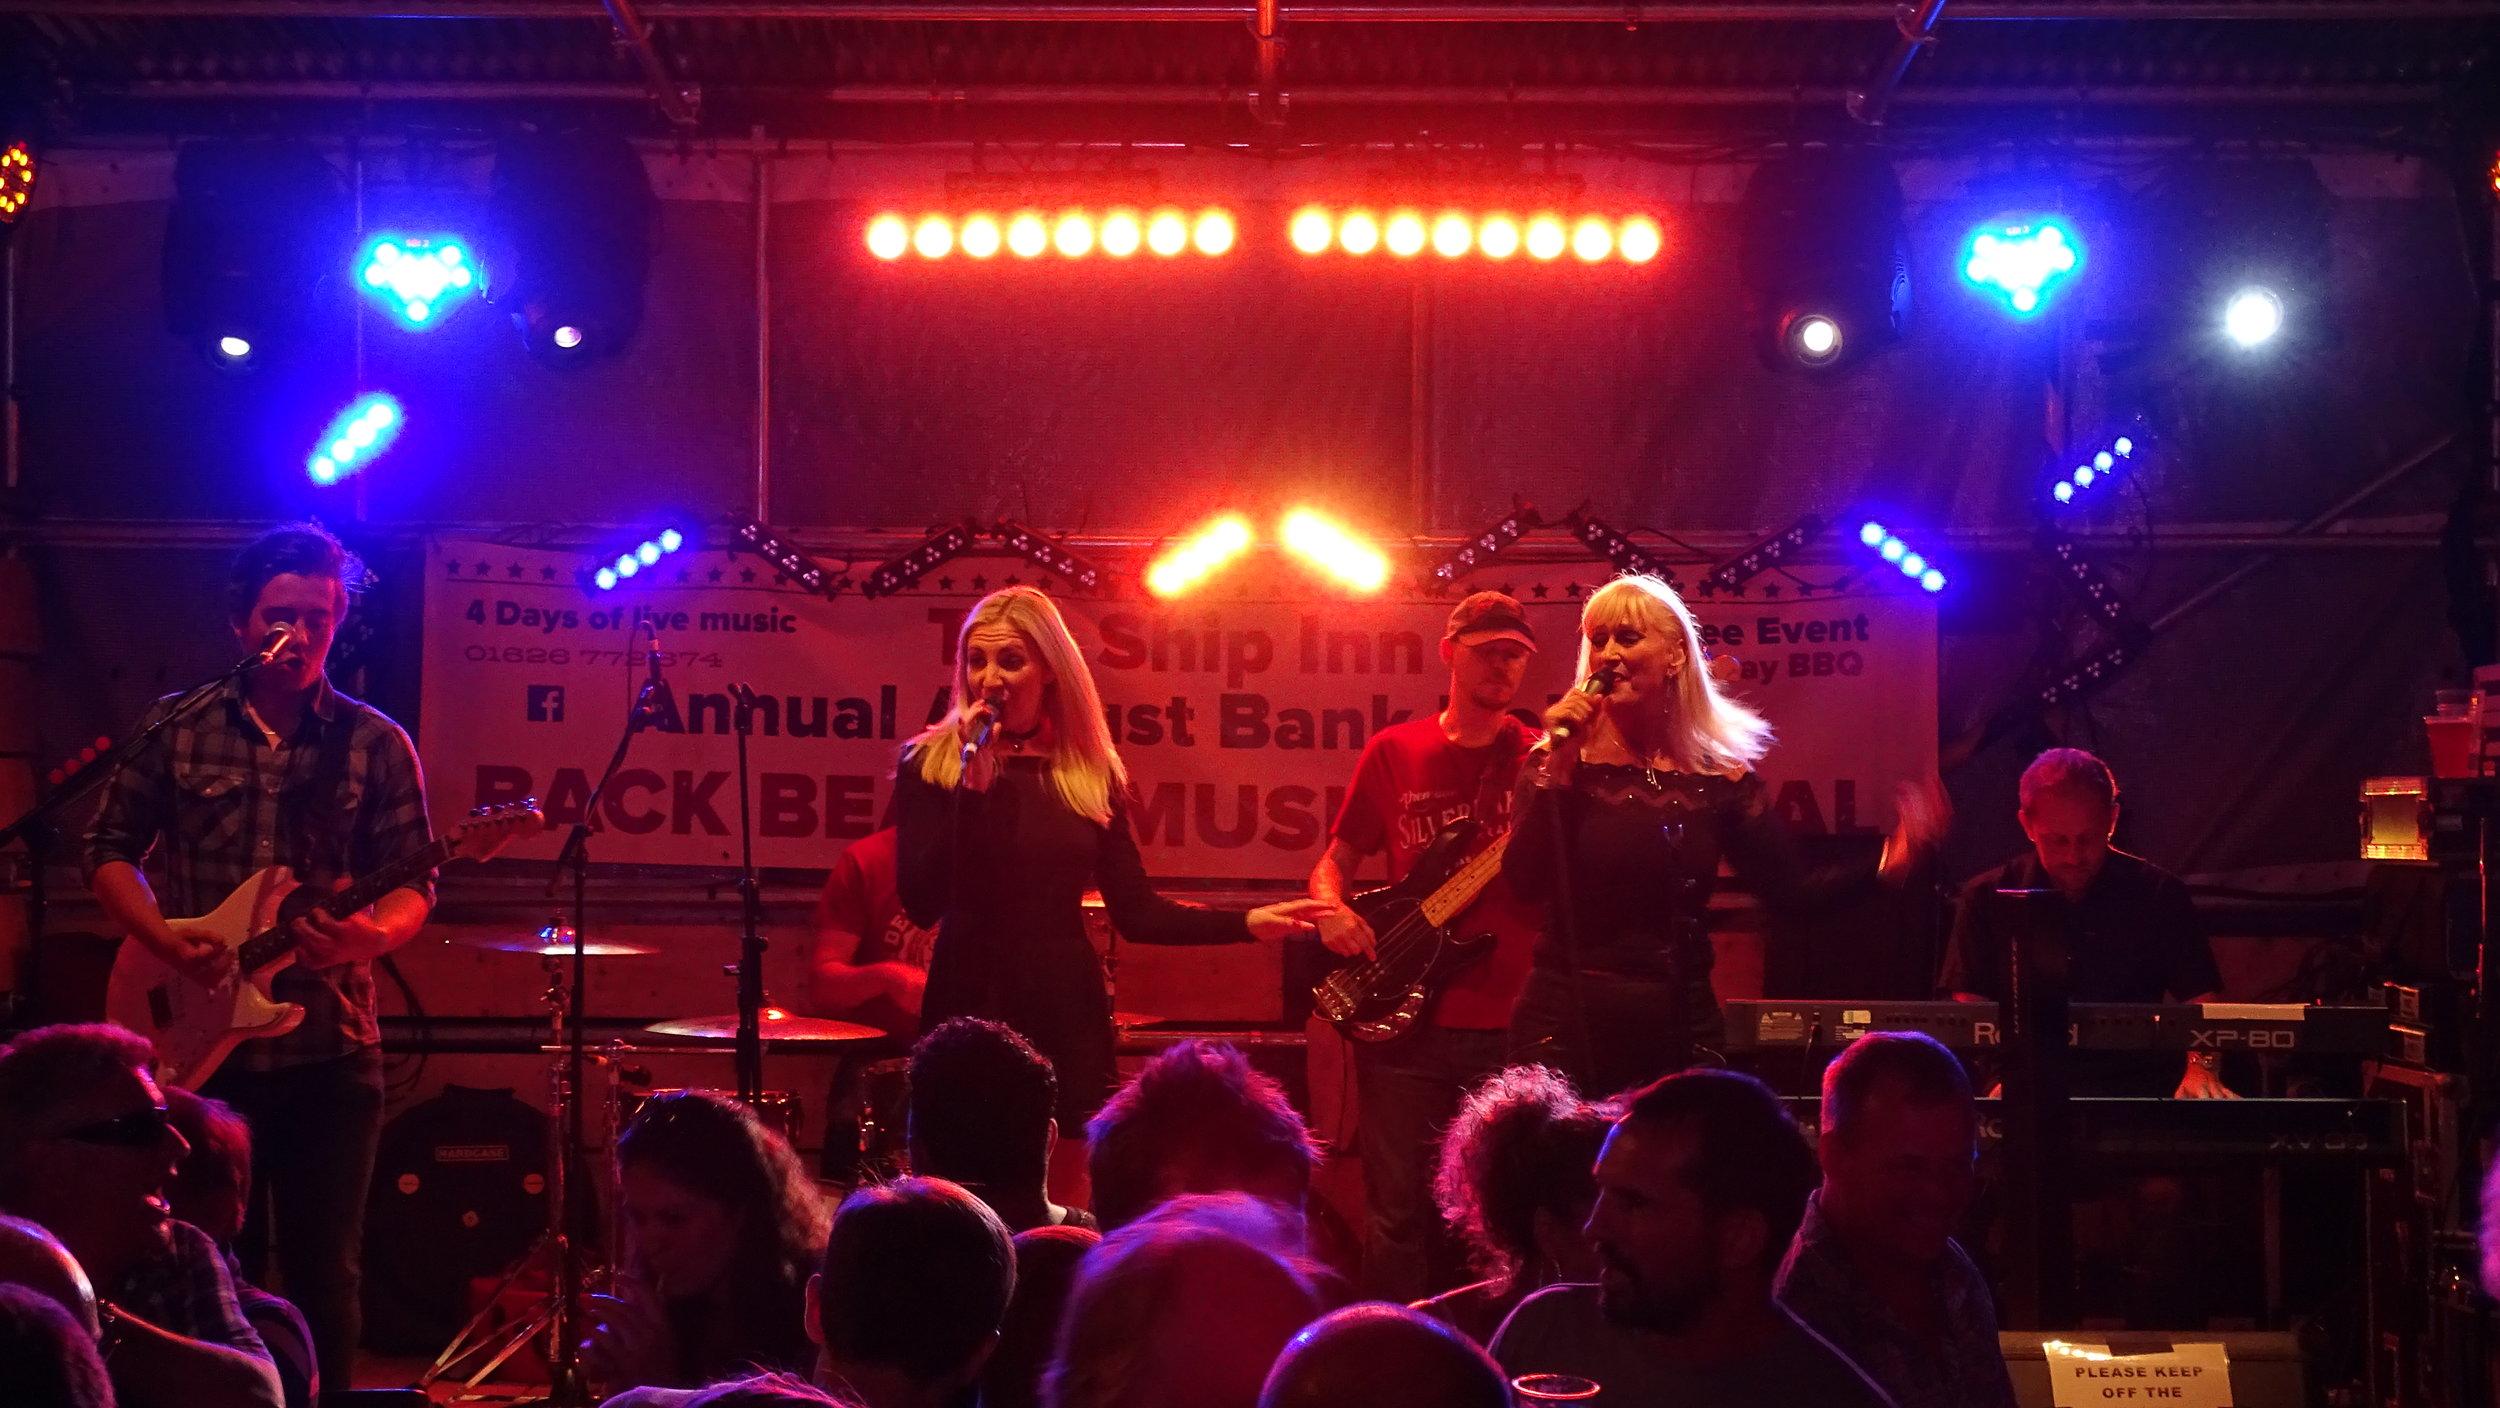 The ship inn music festival p2 074.JPG